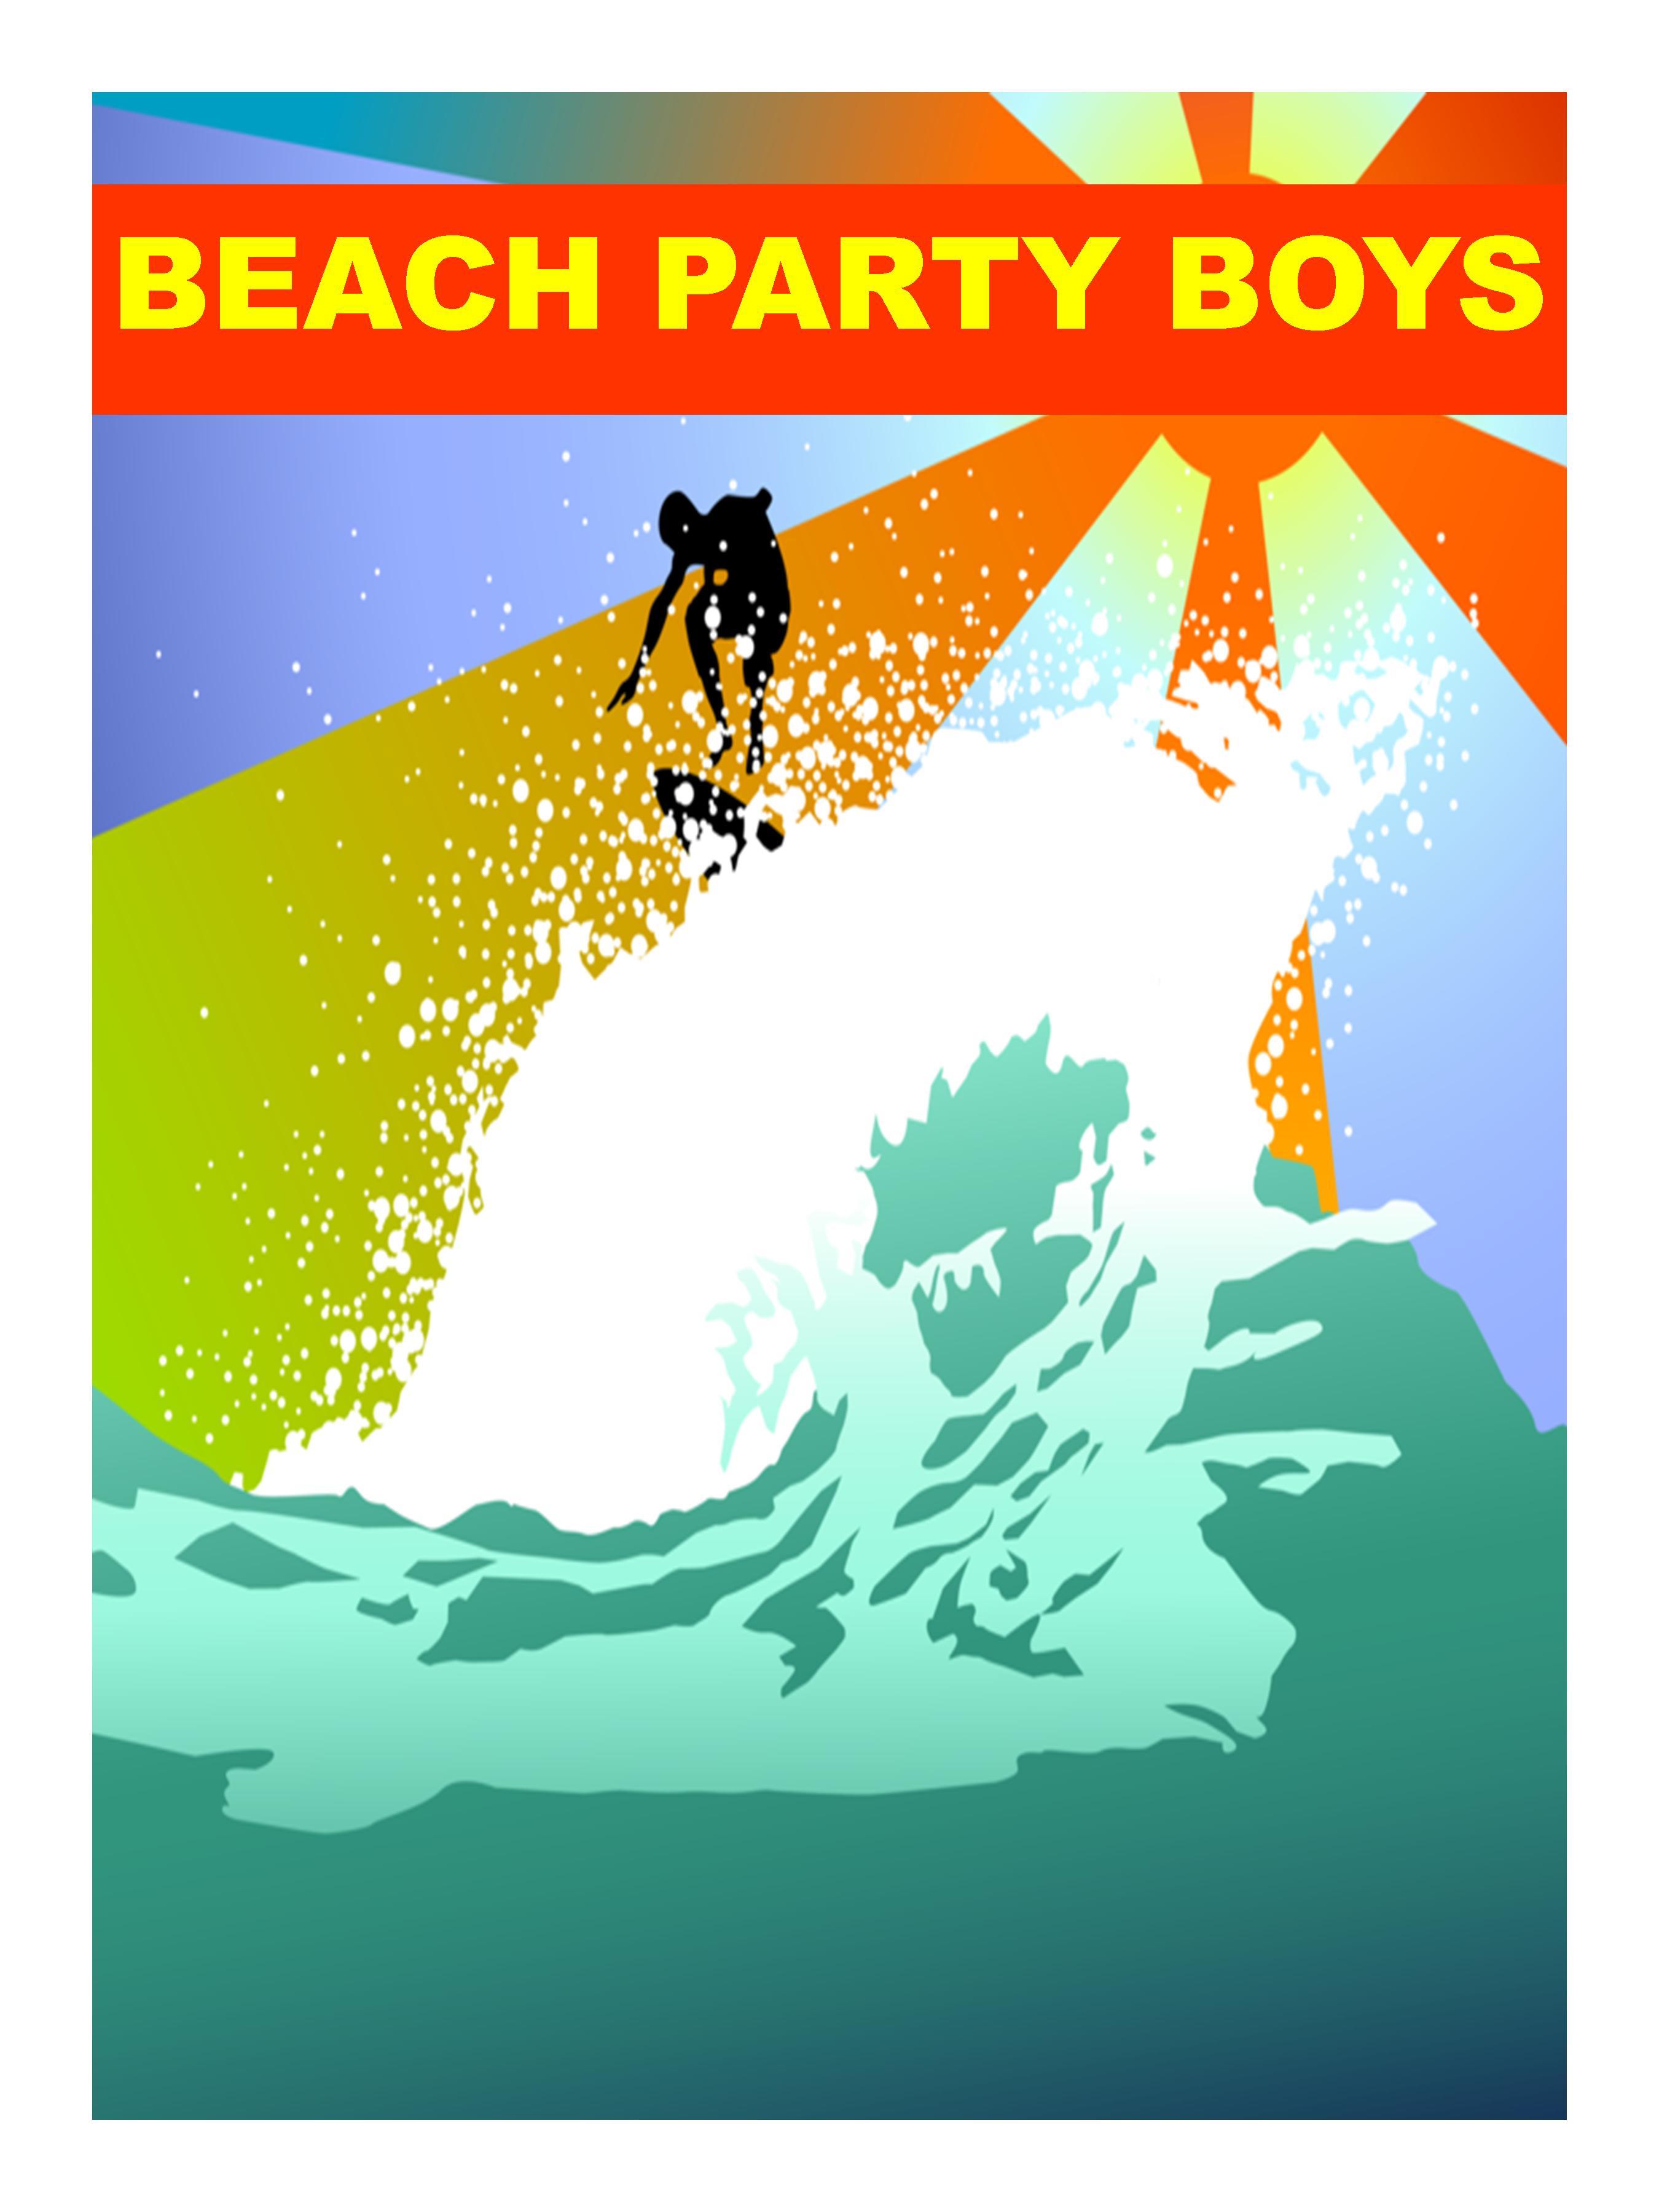 Honda Of Pasadena >> Beach Party Boys - Tribute to The Beach Boys